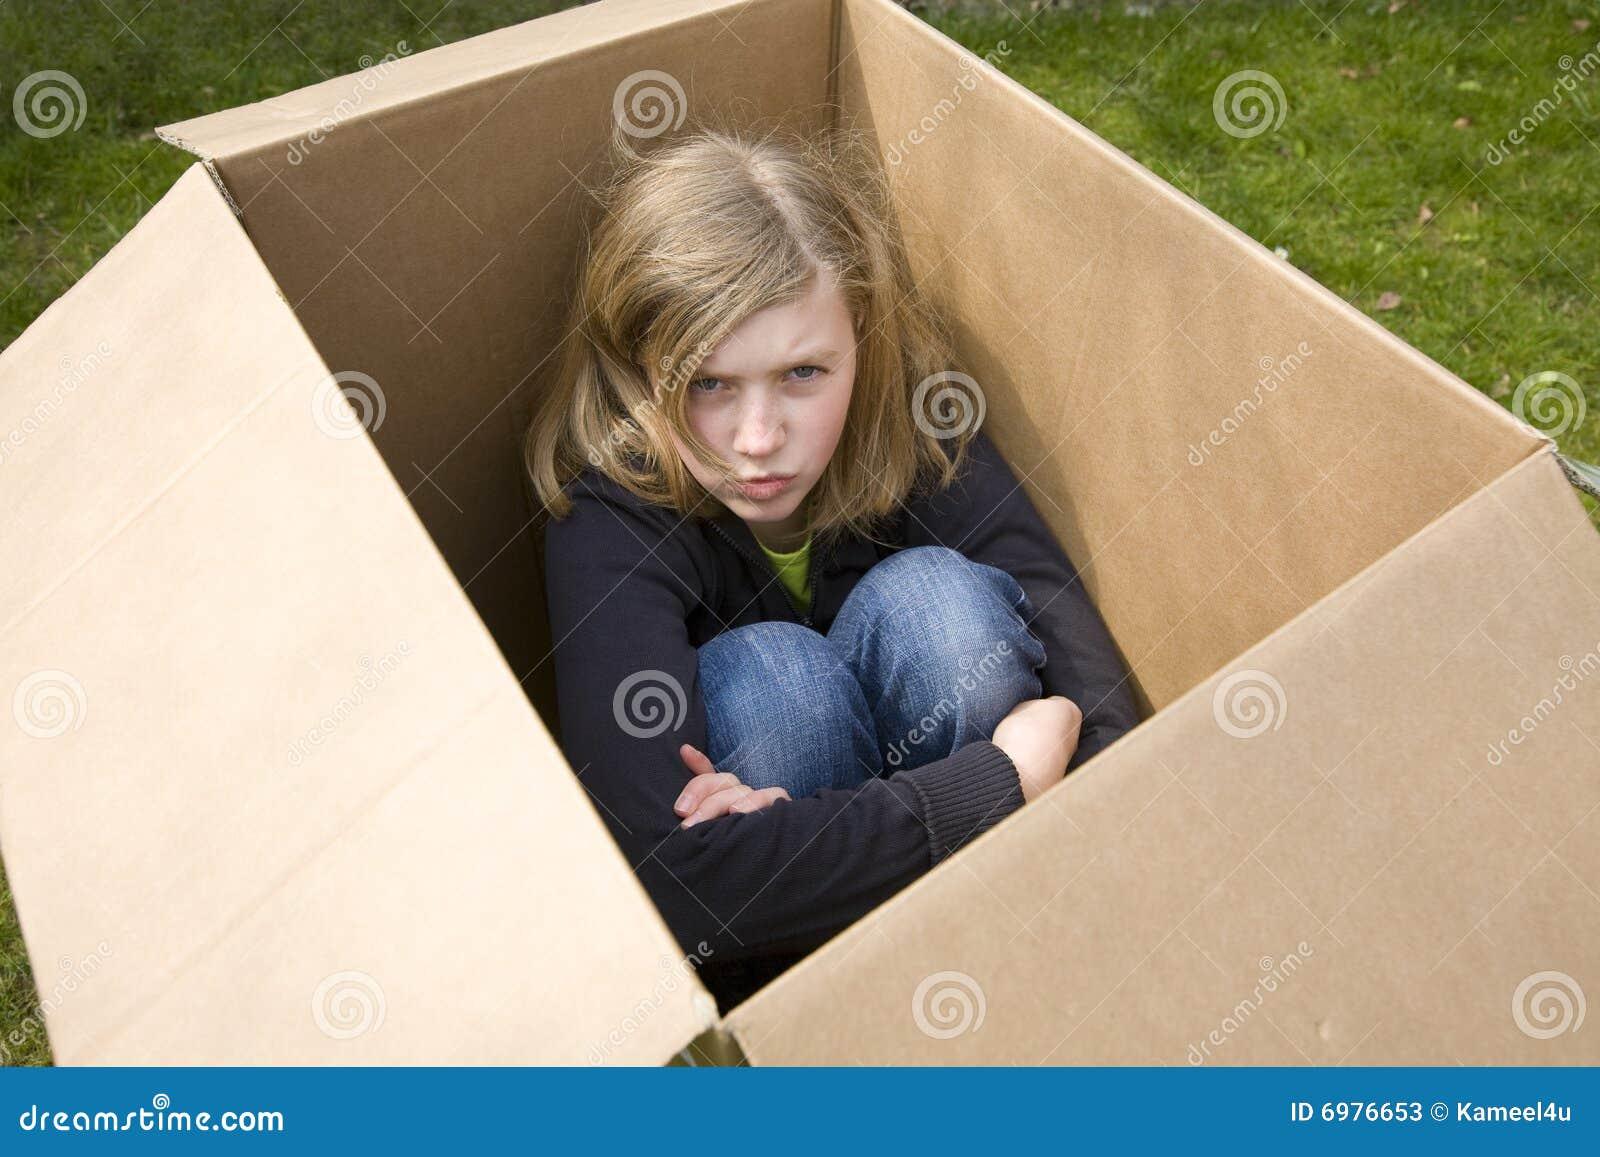 恼怒配件箱纸板女孩坐少年